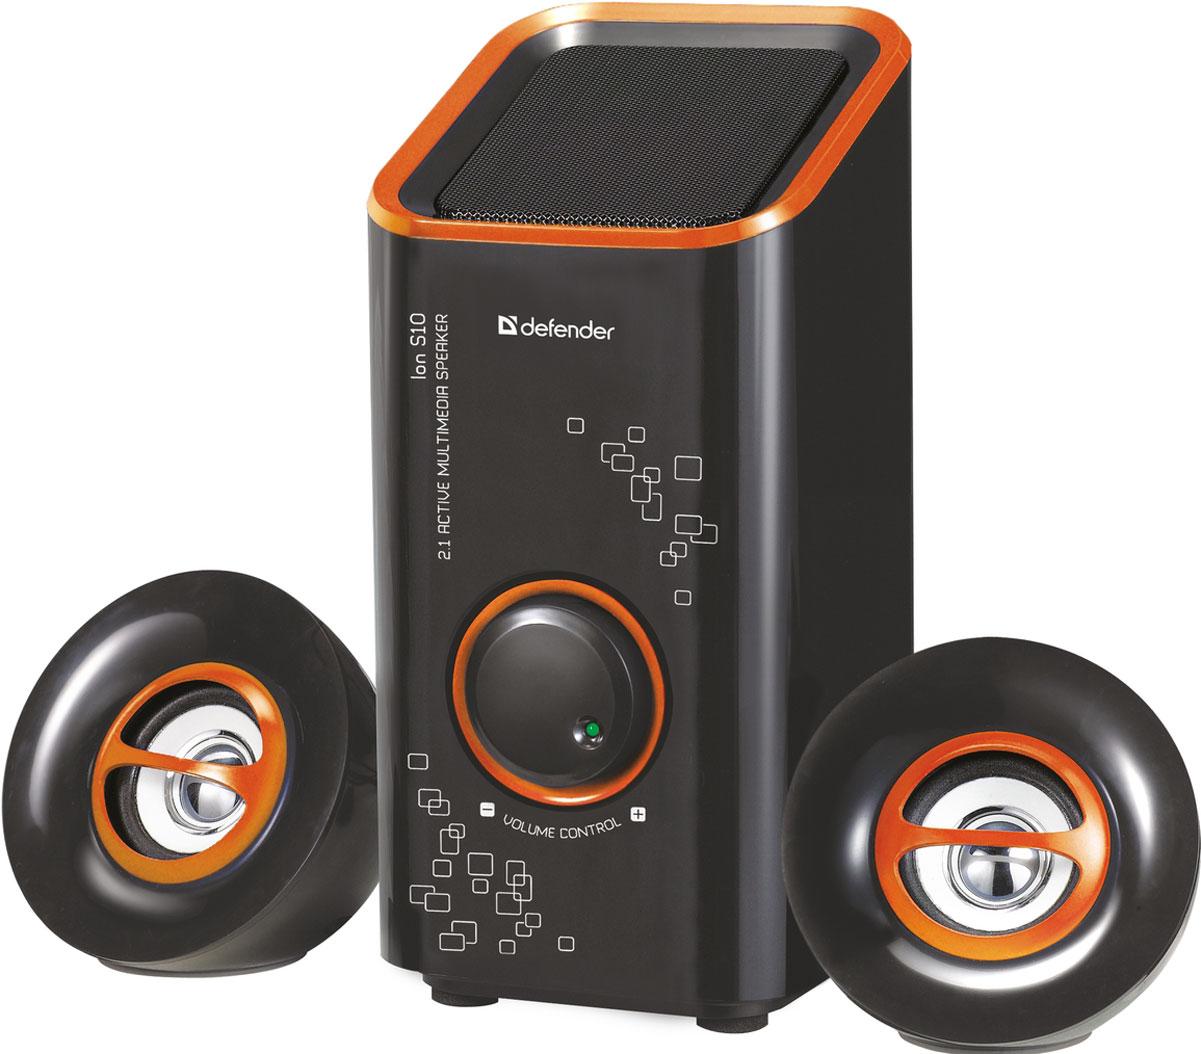 Defender ION S10, Black акустическая система 2.1ION S10, BlackDefender ION S10 - компактная акустическая система 2.1. Компактные размеры Акустическая система займет минимум места на рабочем столе. Регулятор громкости Регулятор громкости расположен на передней панели сабвуфера. Вам больше не придется переключаться на управление вашим медиаплеером, чтобы изменить громкость. Магнитная экранировка Четкая картинка без помех гарантирована даже при расположении колонок в непосредственной близости от монитора.